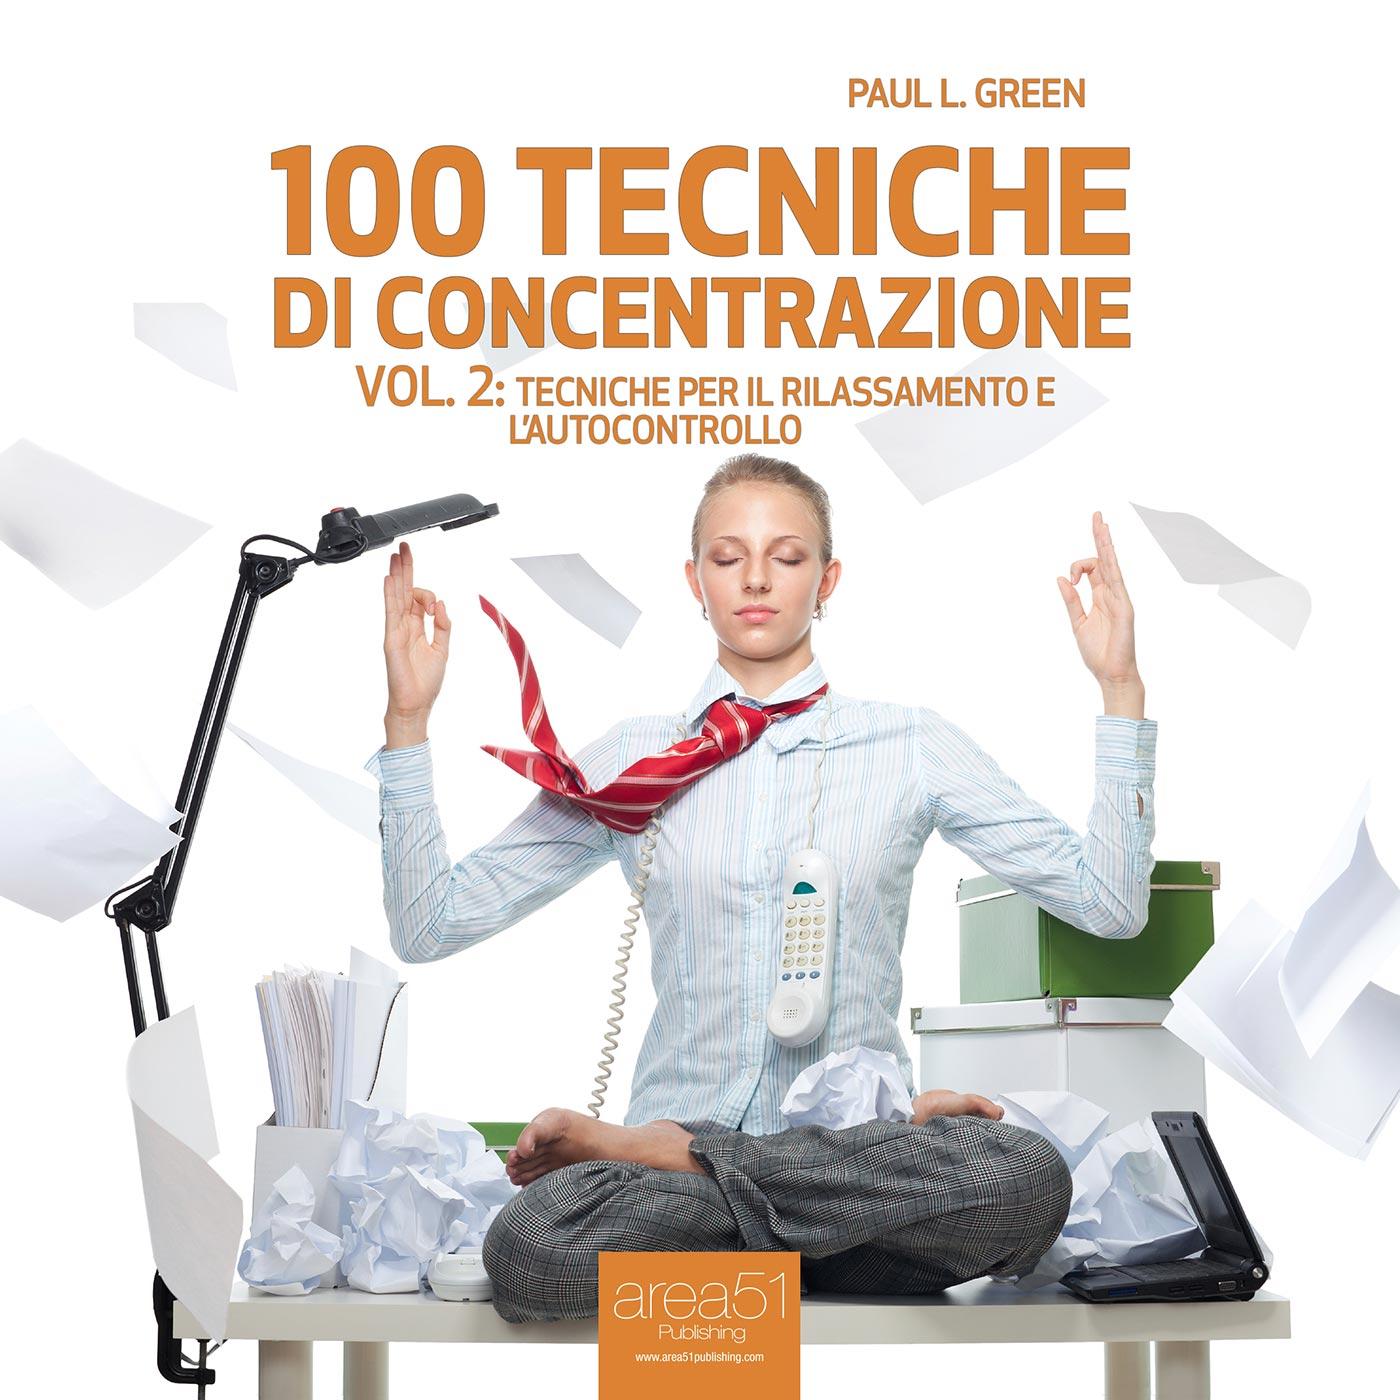 100 tecniche di concentrazione vol. 2. -0